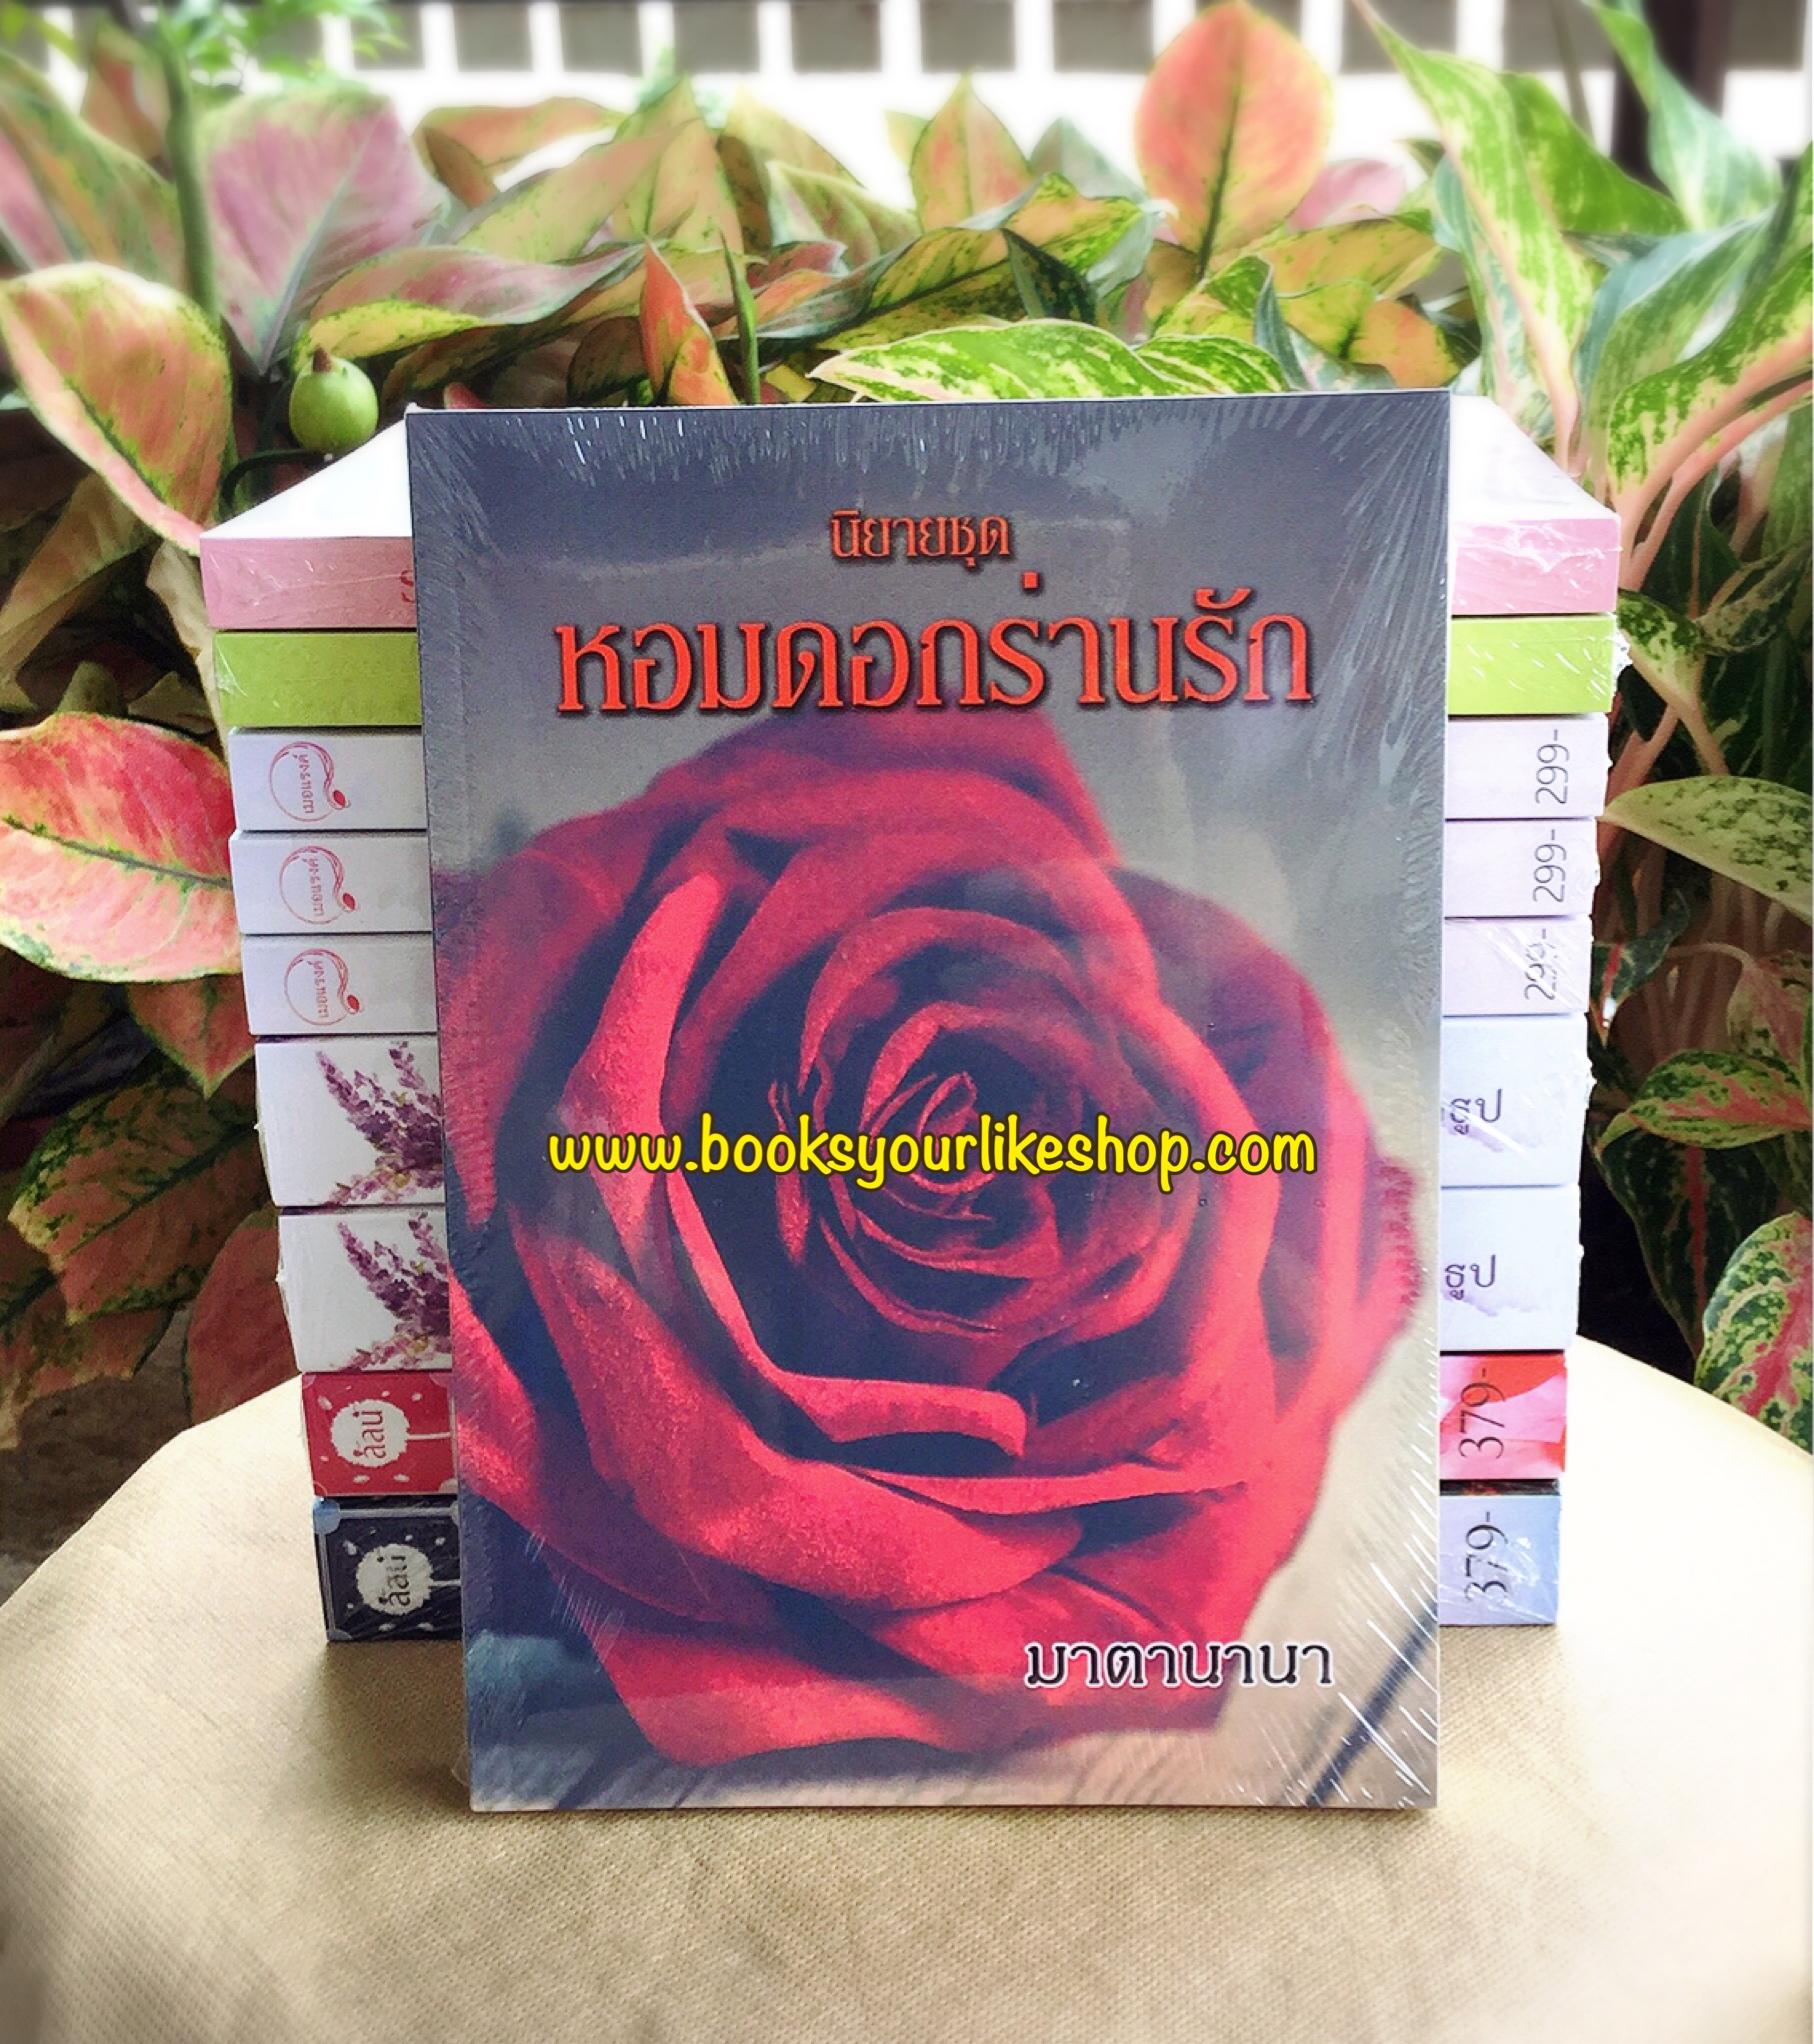 โปรส่งฟรี หอมดอกร่านรัก / มาตานานา หนังสือใหม่ทำมือ สนุกคะ